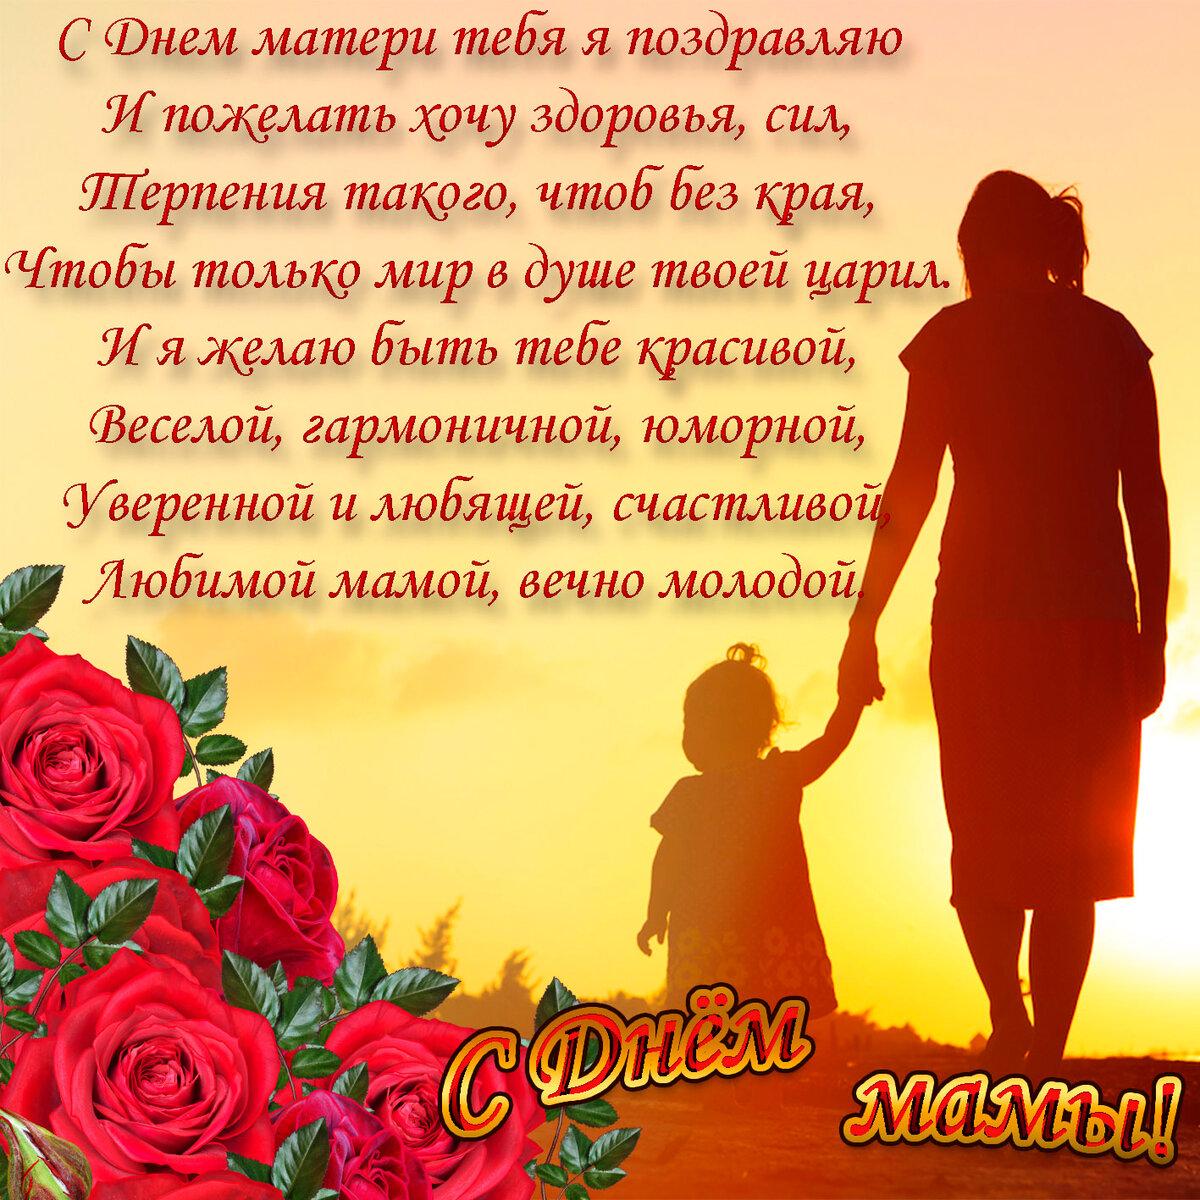 Поздравление к дню матери ты стала мамой